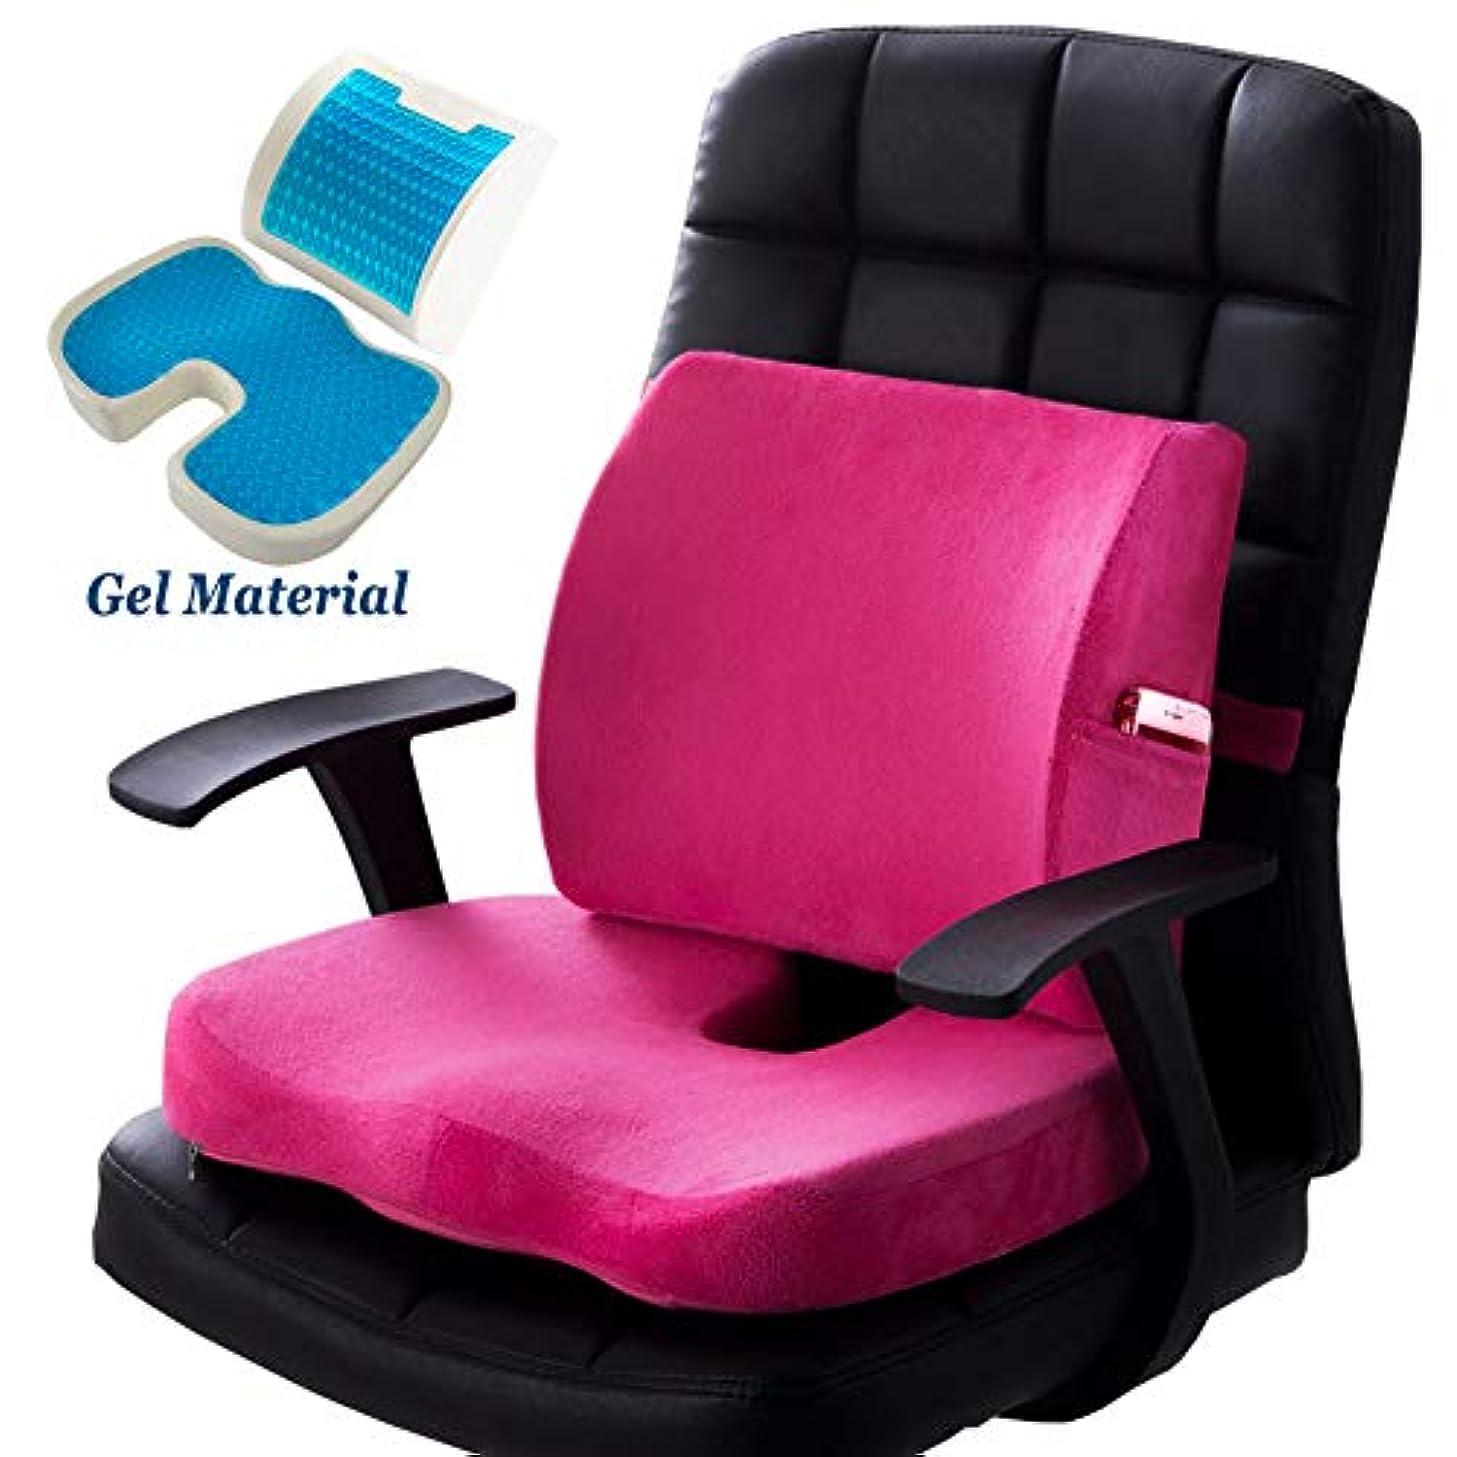 変更可能貢献内部シートクッションと腰用クッションセット,ファッション低反発フォーム/ジェルサポートバッククッション、洗えるカバー、坐骨神経痛の痛みを軽減,PinkPlush,Gel